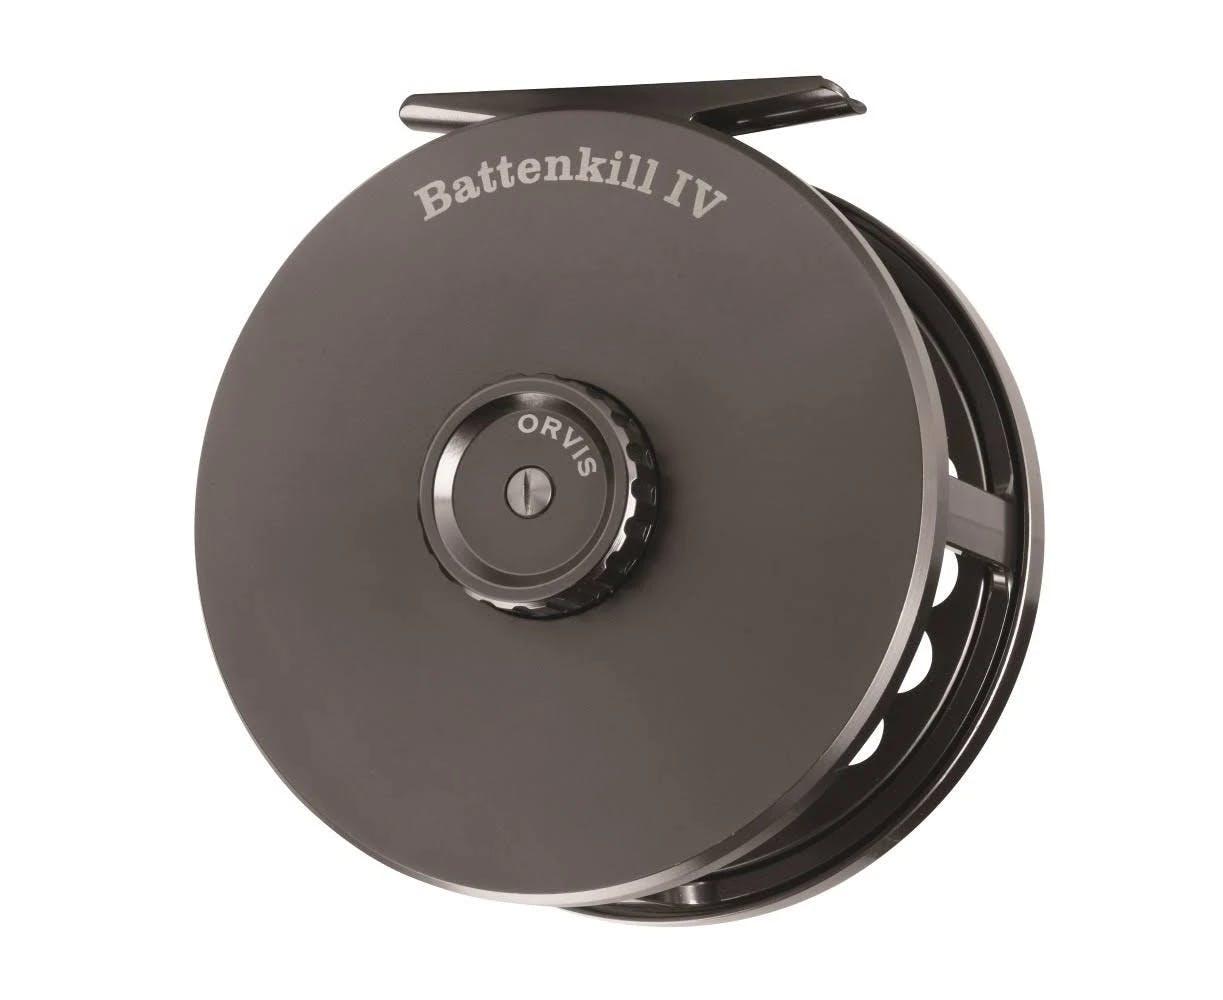 Orvis Battenkill Disc Fly Reel V Spey